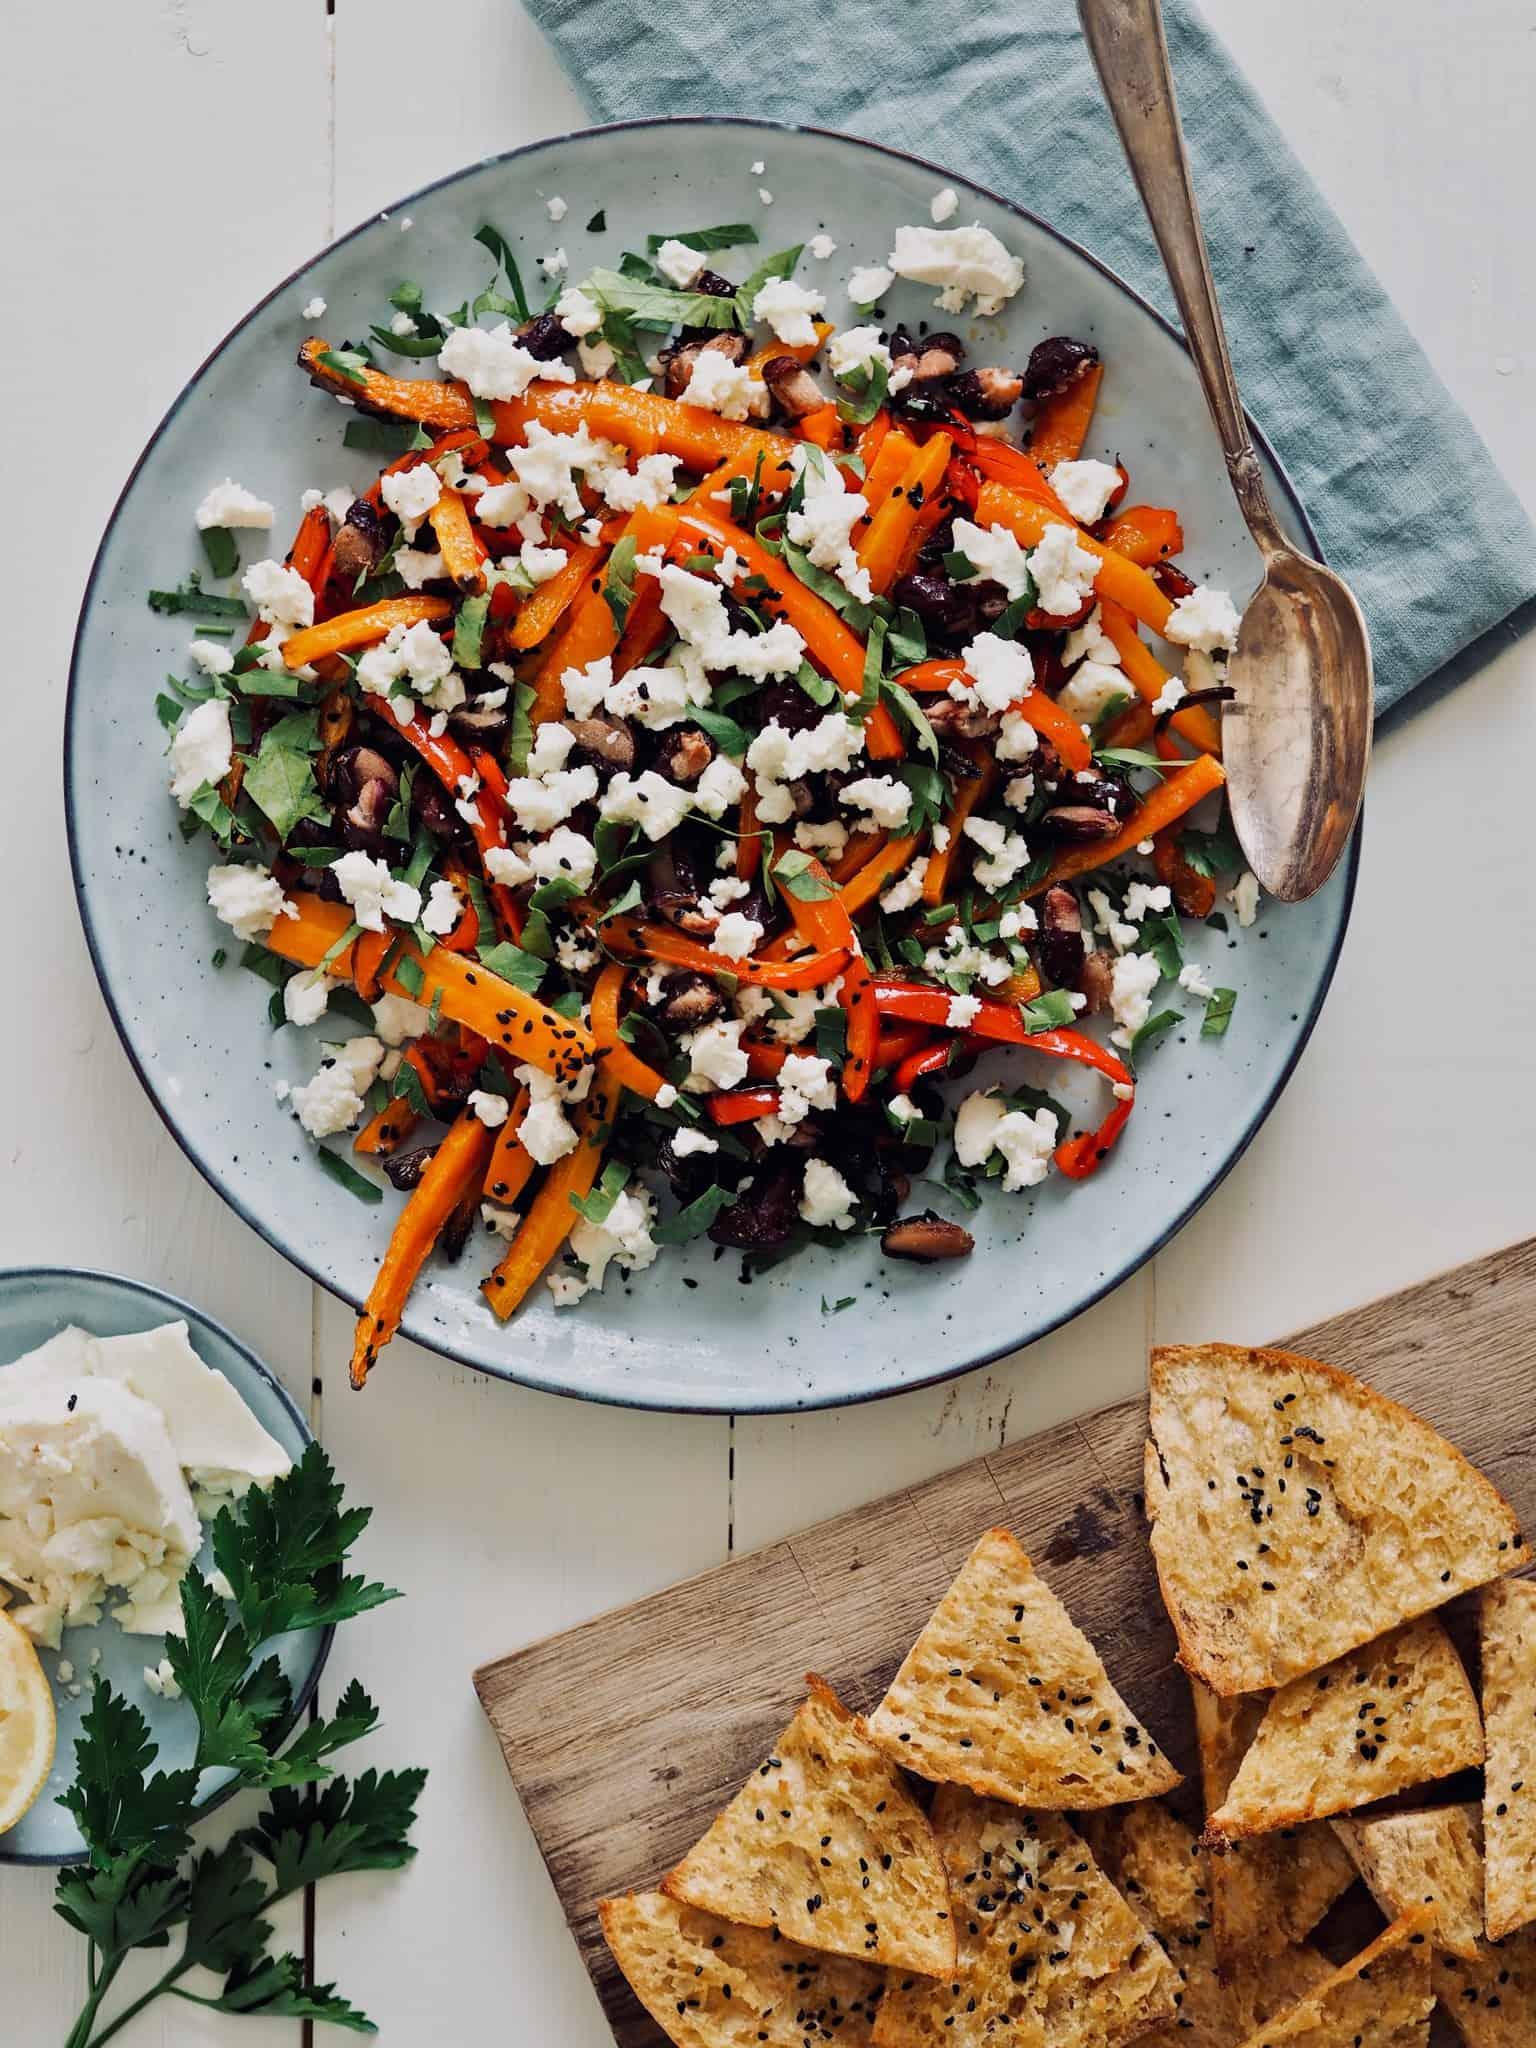 Salat med bagte gulerødder, peberfrugt og kidneybønner